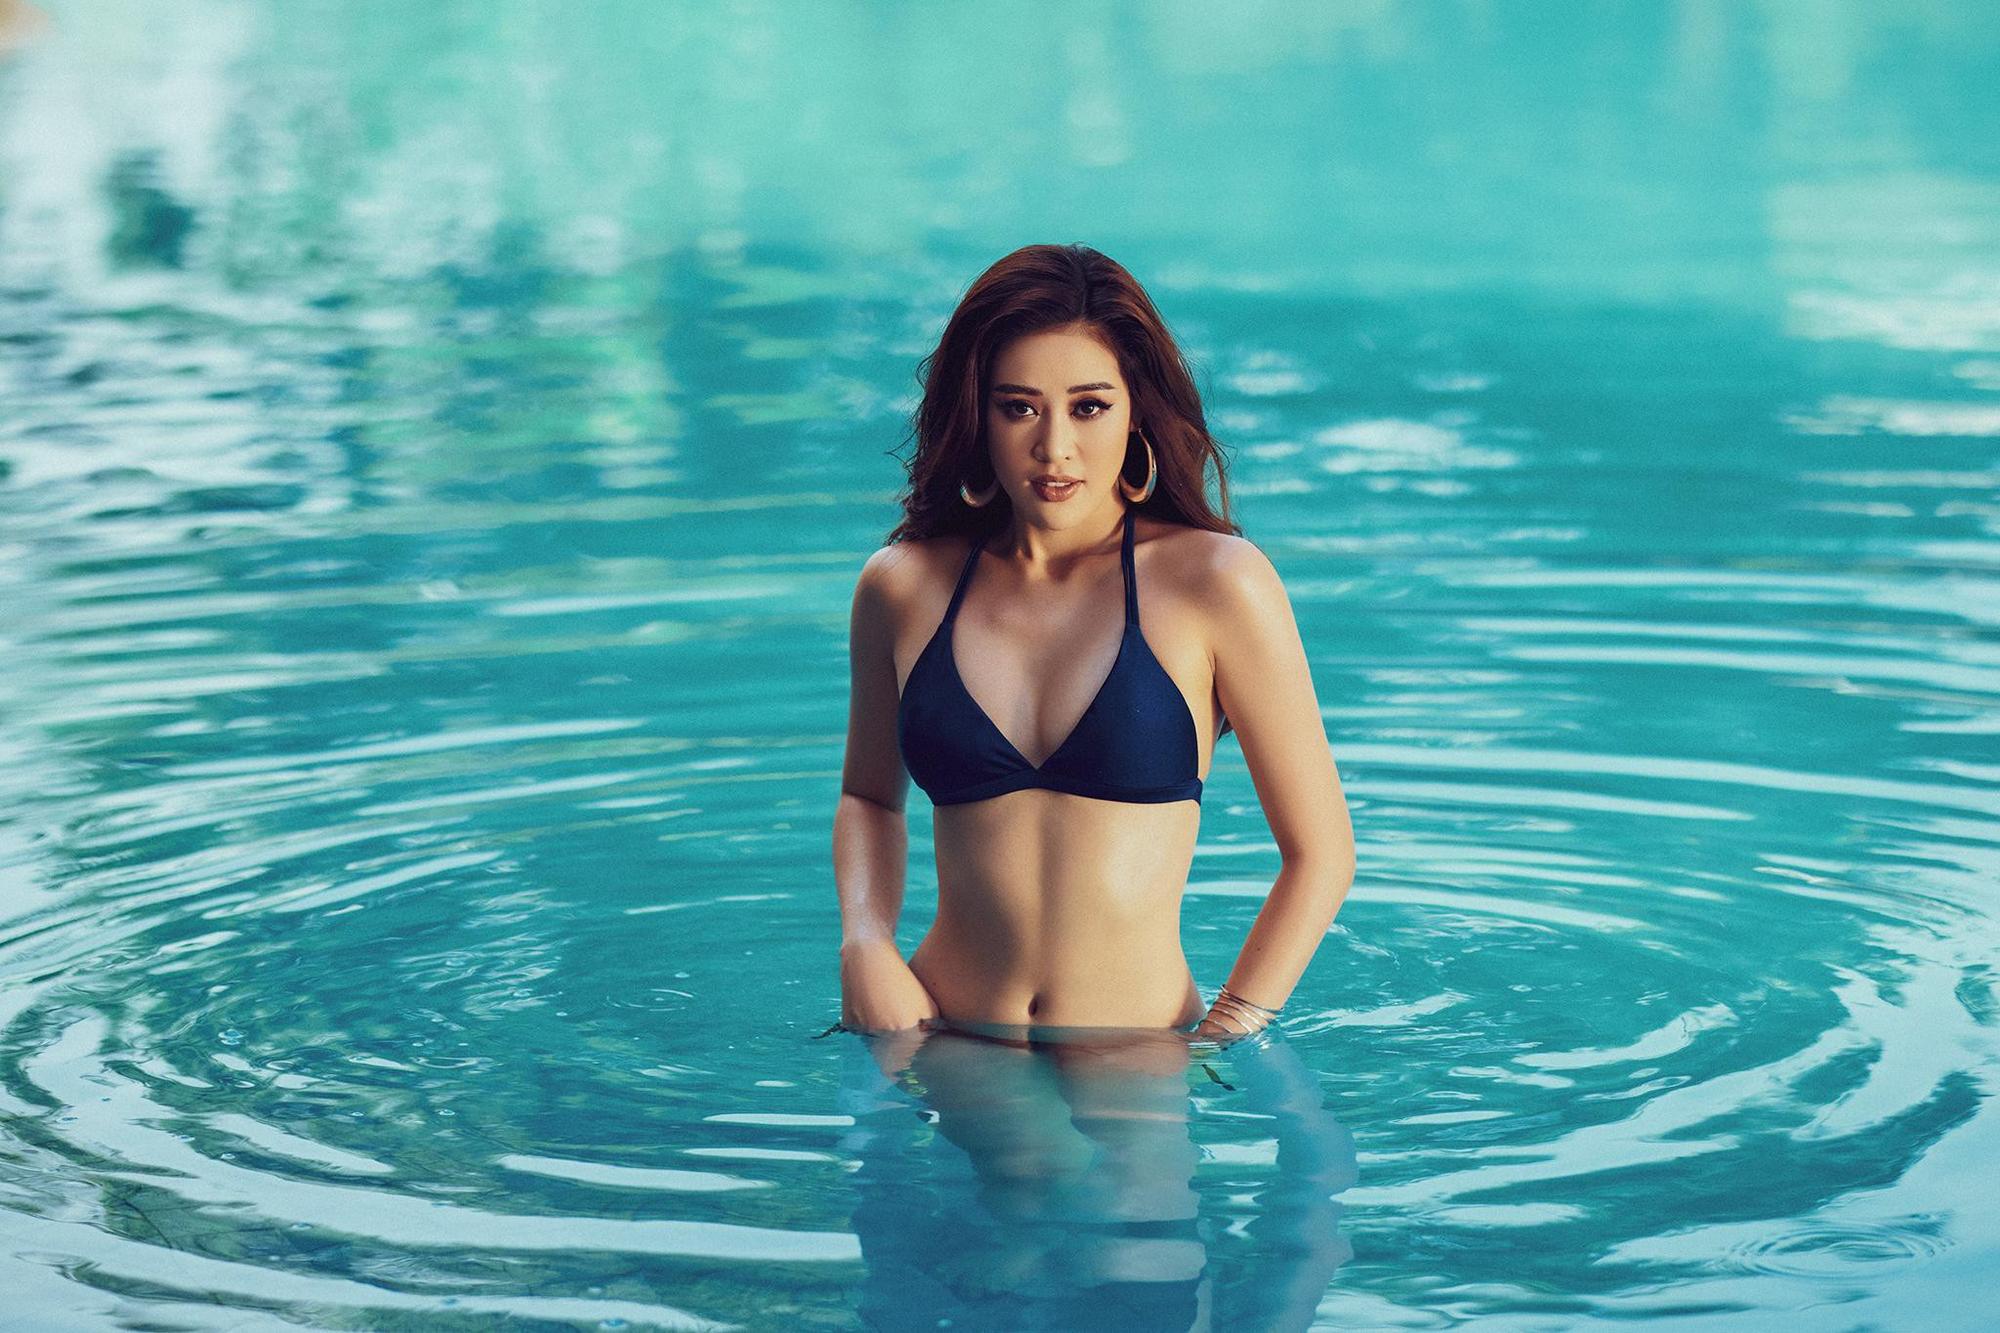 Vừa sang Mỹ thi Miss Universe, Khánh Vân tung ảnh bikini khoe chân dài nóng bỏng